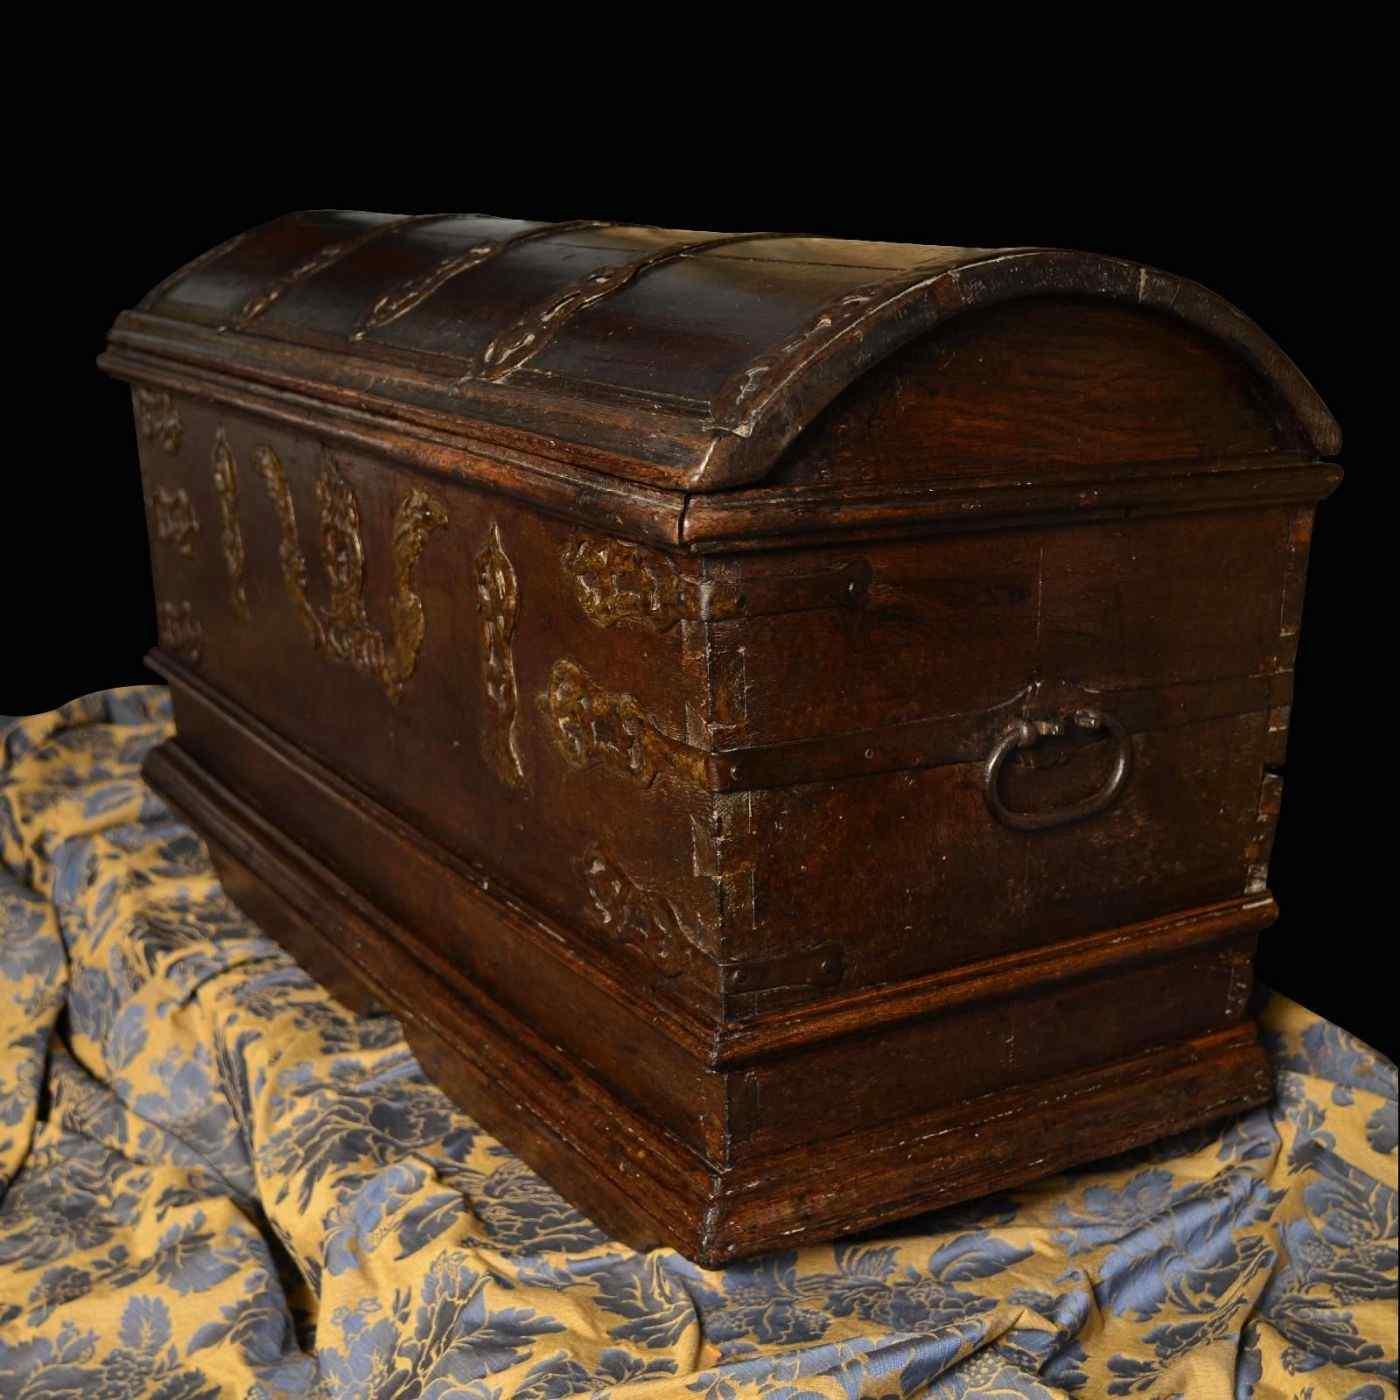 Antique 16th century Dutch treasure chest